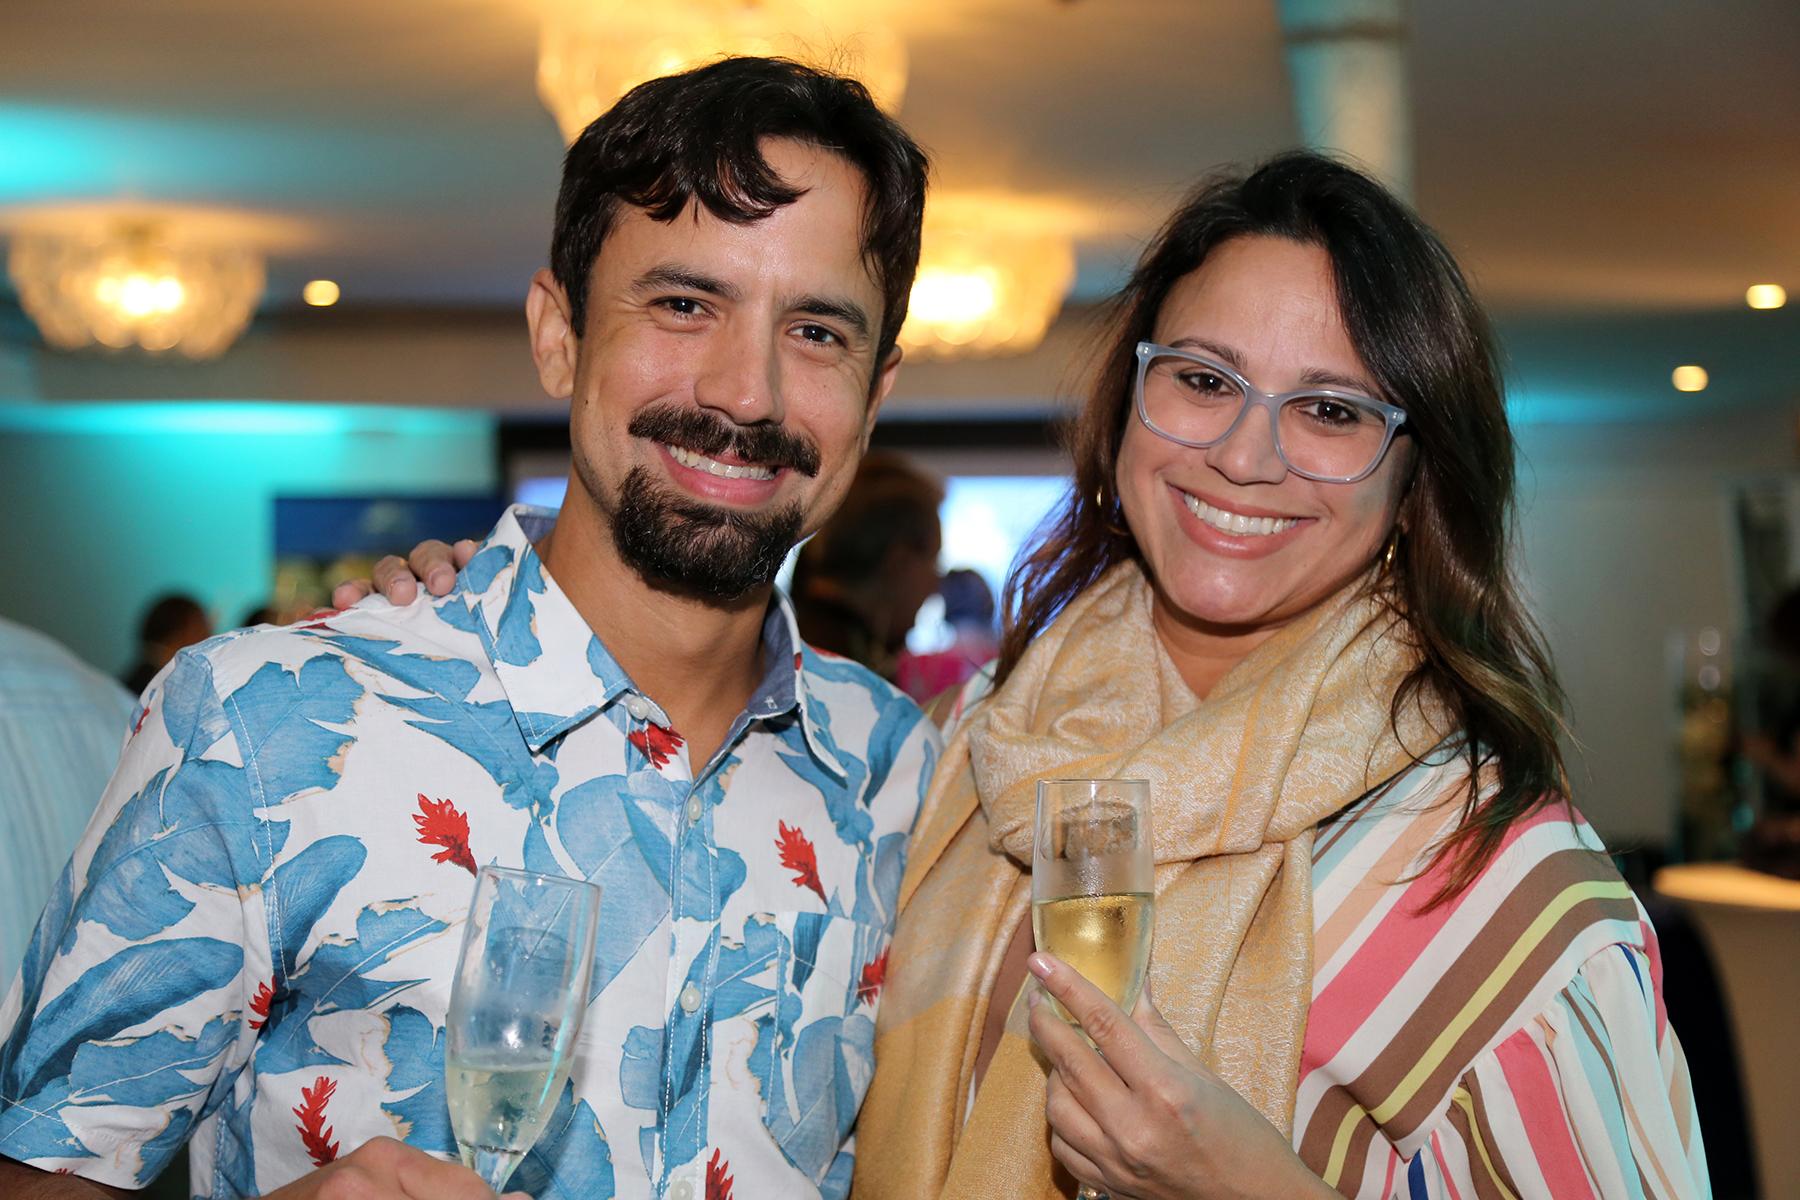 Andres y Adriana Rodriguez. (Nichole Saldarriaga)